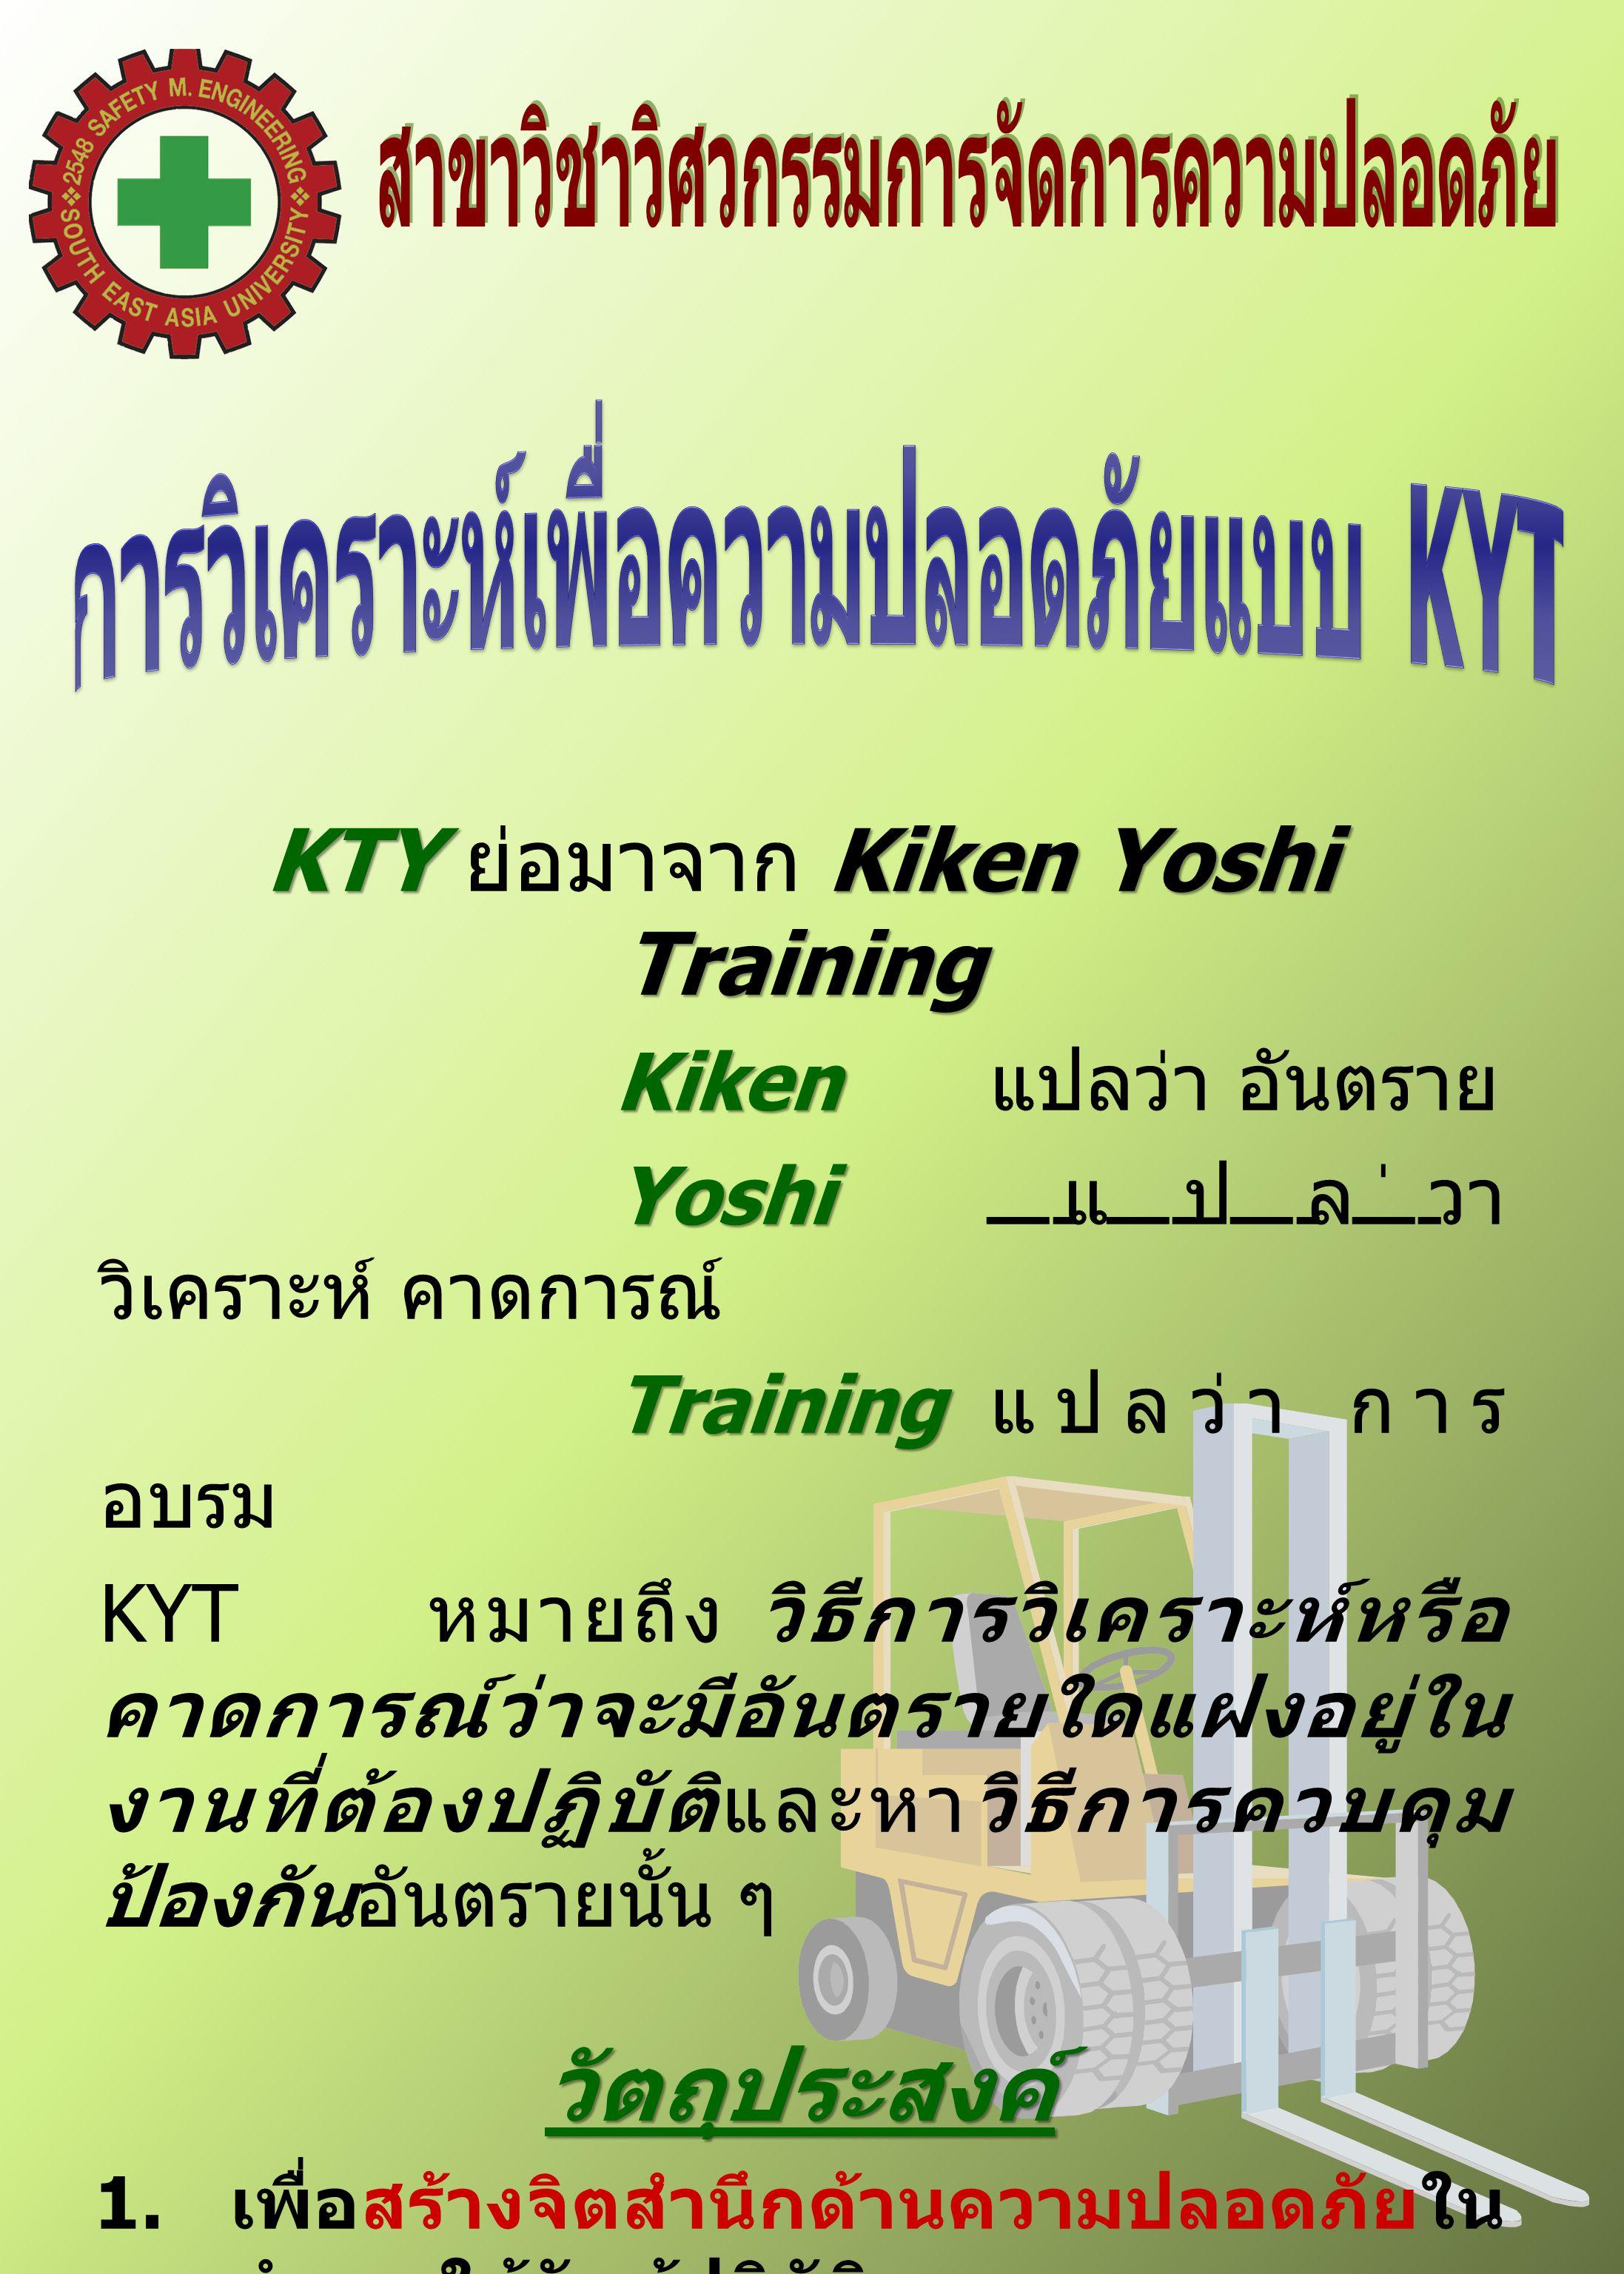 วัตถุประสงค์ KTY ย่อมาจาก Kiken Yoshi Training